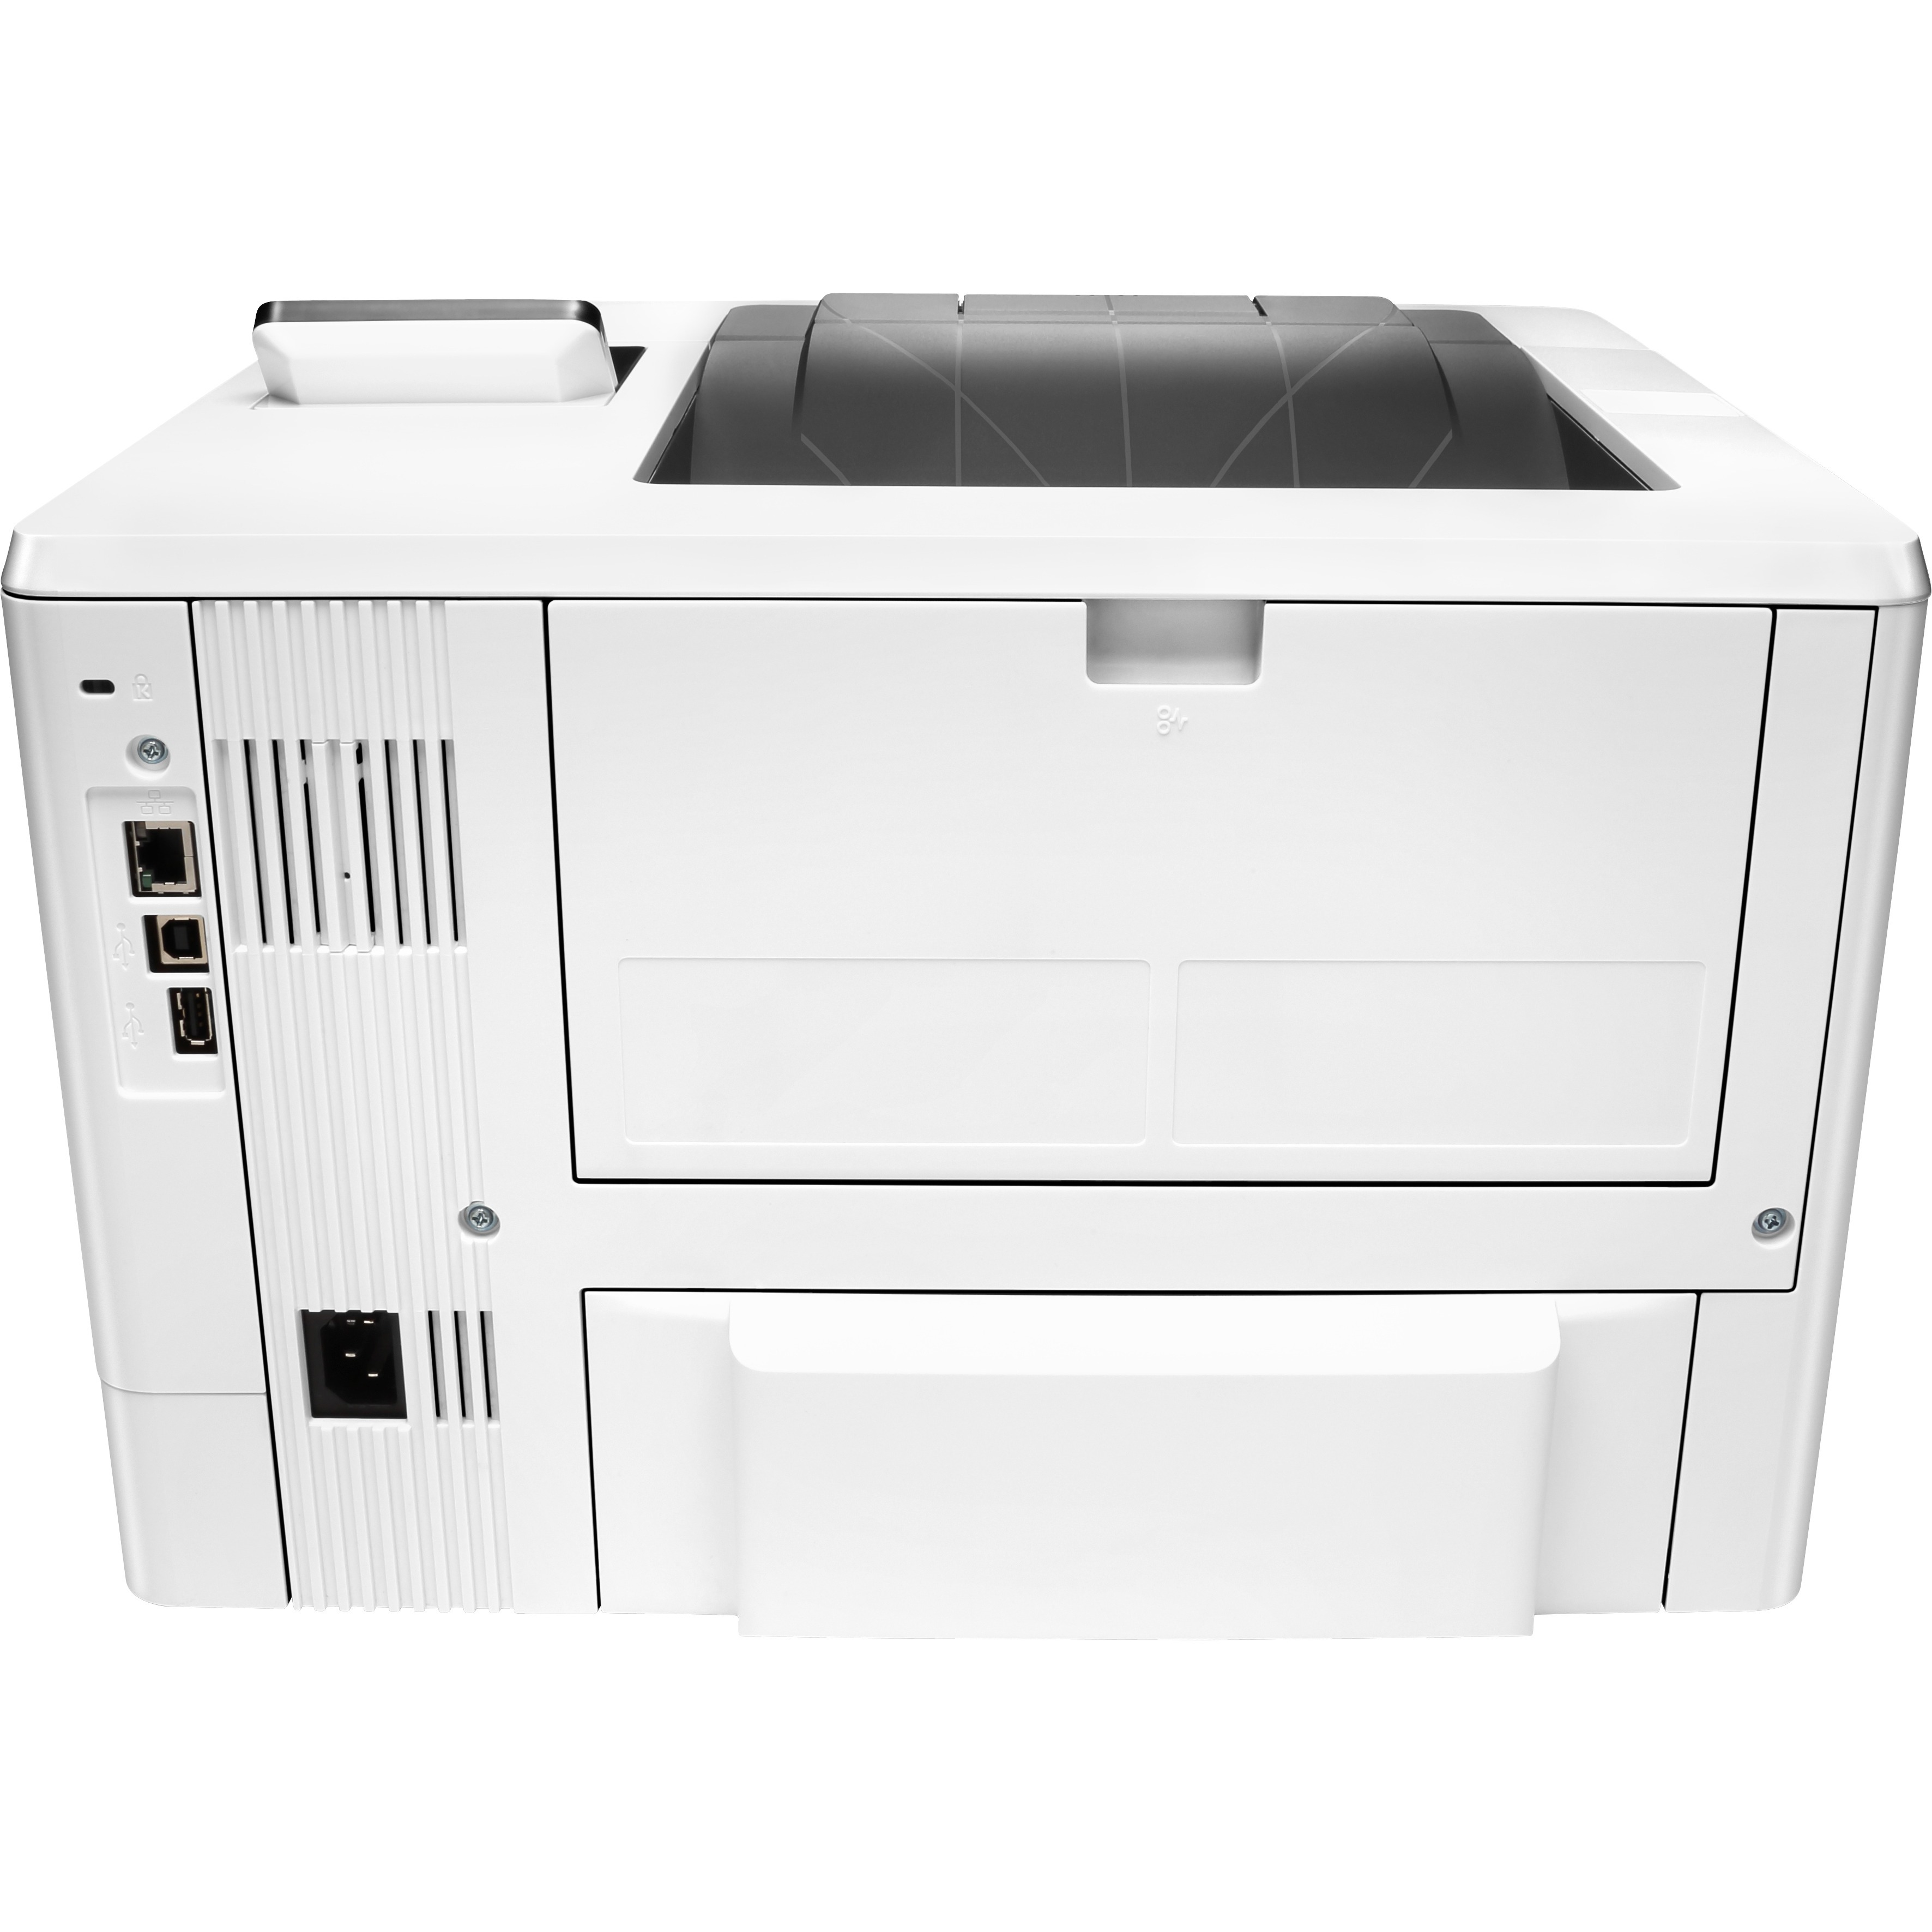 HP LaserJet Pro M501dn Laser Printer - Monochrome - 4800 x 600 dpi Print - Plain Paper Print - Desktop - 43 ppm Mono Print - A5, B6 JIS, Oficio, A4, Postcard, C5 E